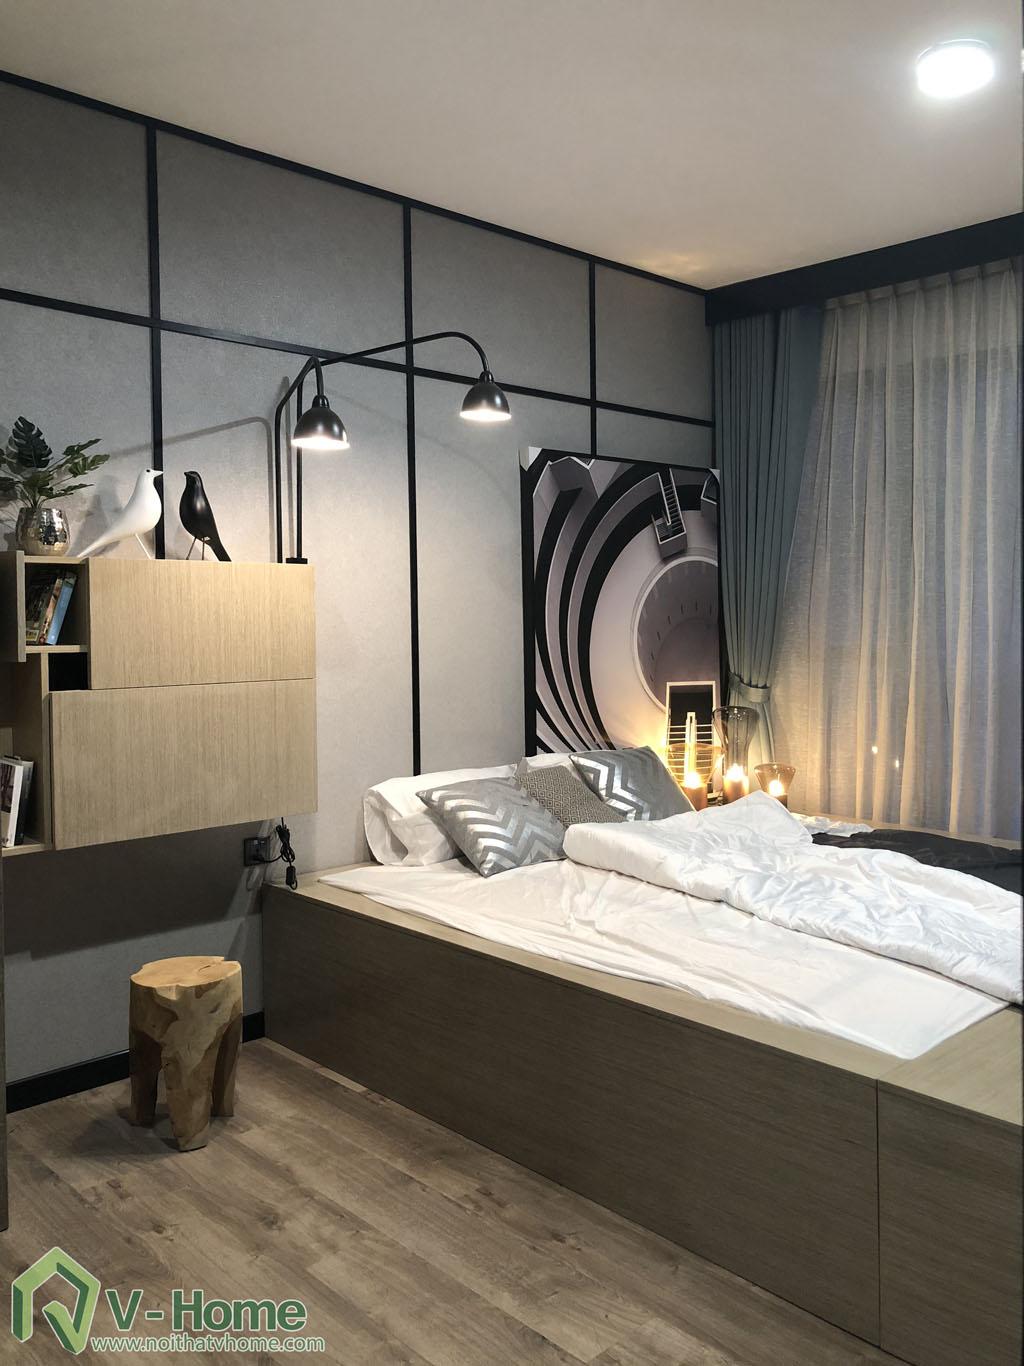 2.thi-cong-phong-ngu-chung-cu-summer-9 Thi công nội thất chung cư Summer Residence Capitaland - 2 phòng ngủ